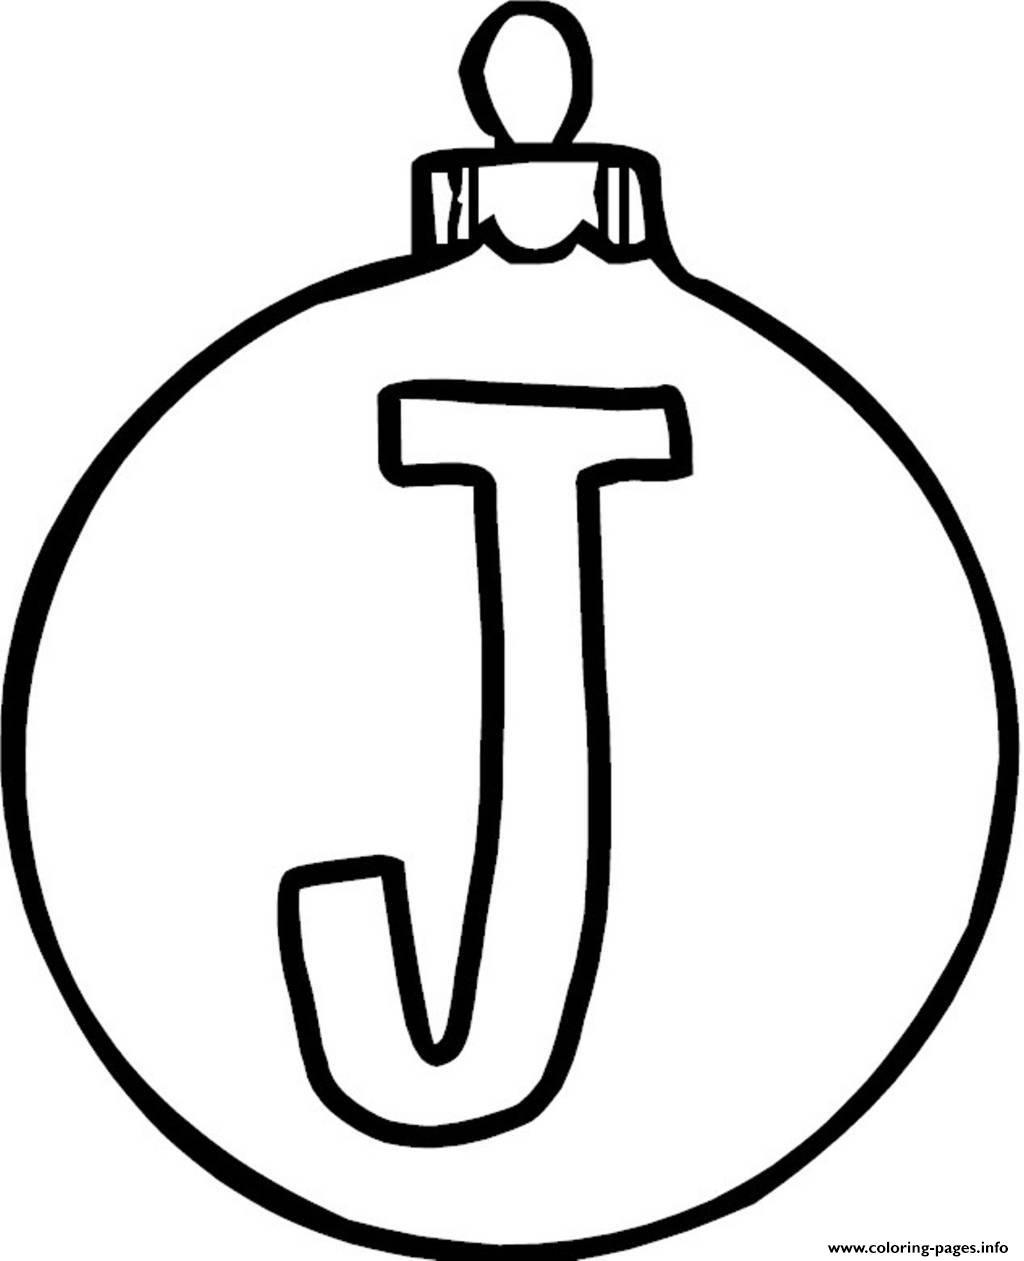 Ornament J Alphabet 1c16 Coloring Pages Printable